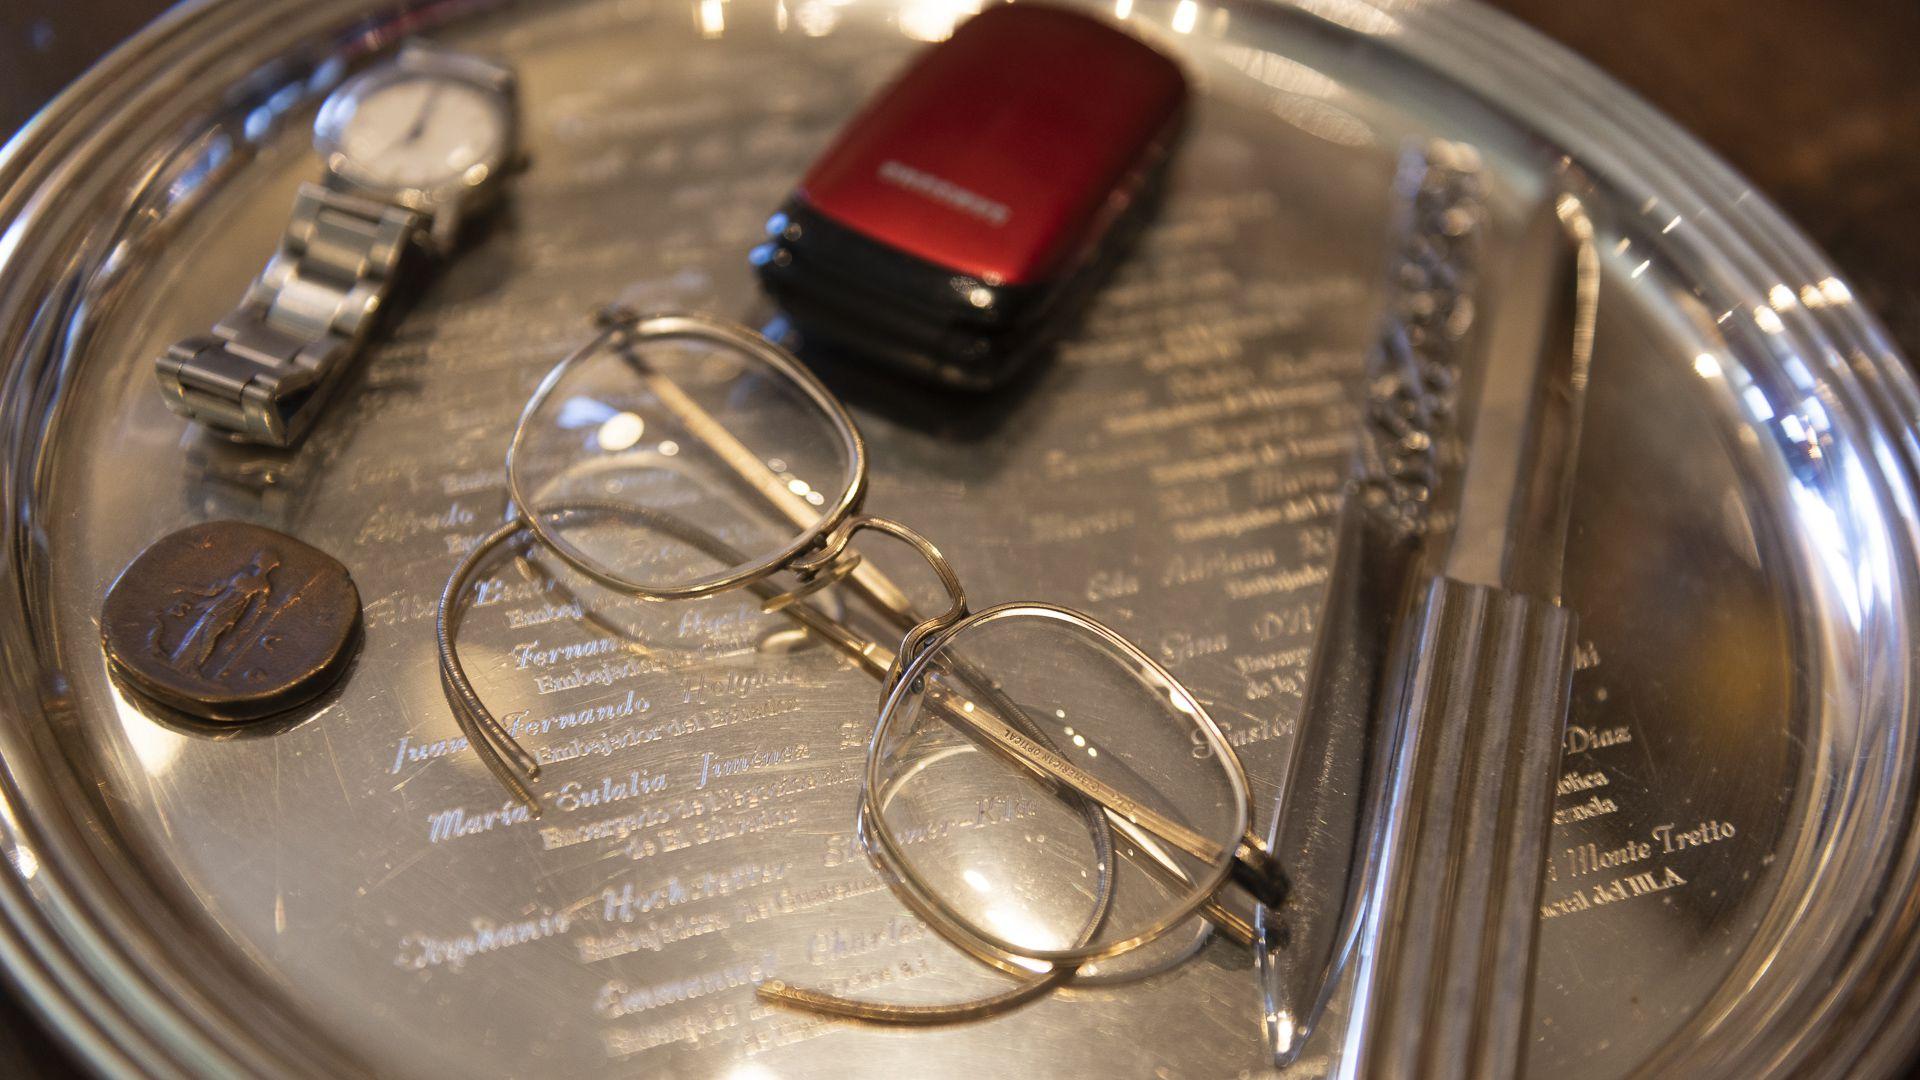 Los objetos personales de Torcuato Di Tella: sus característicos anteojos, un celular muy sencillo y su reloj